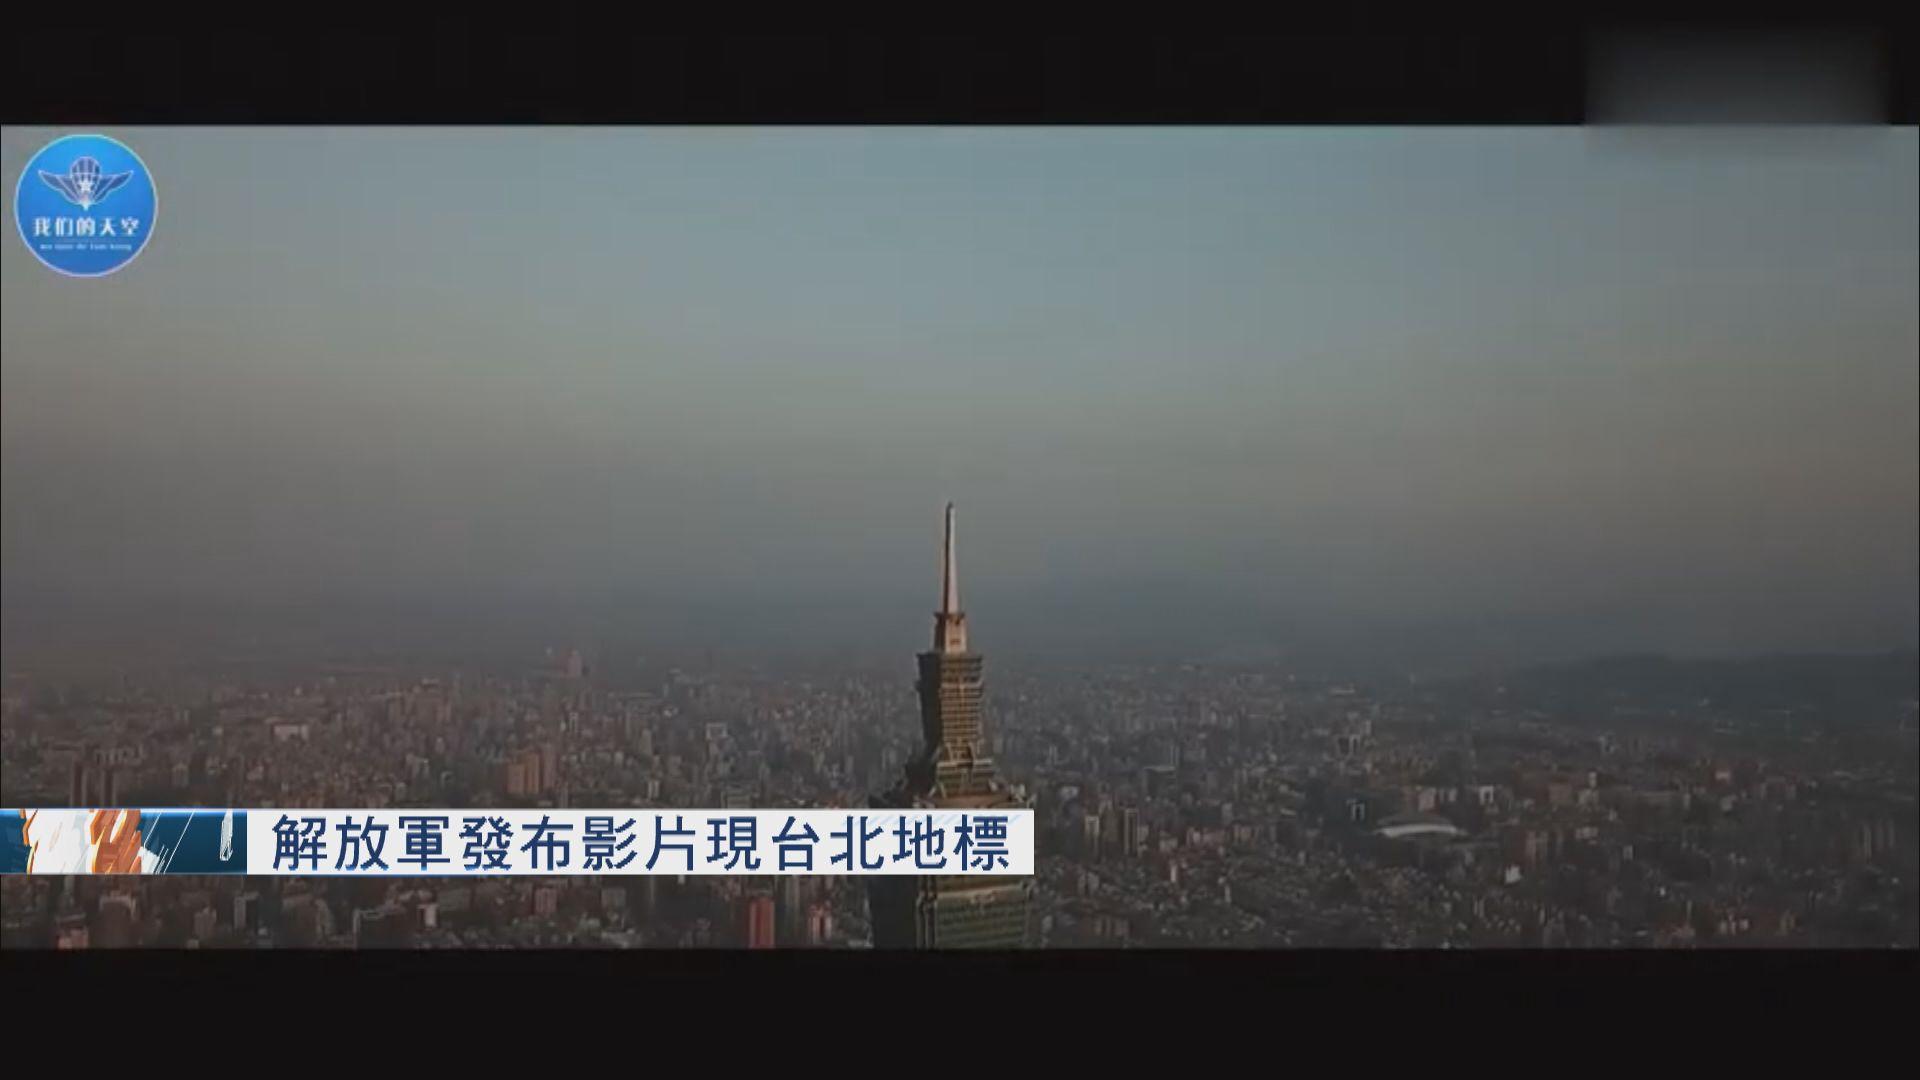 解放軍發布網上影片出現台北地標畫面